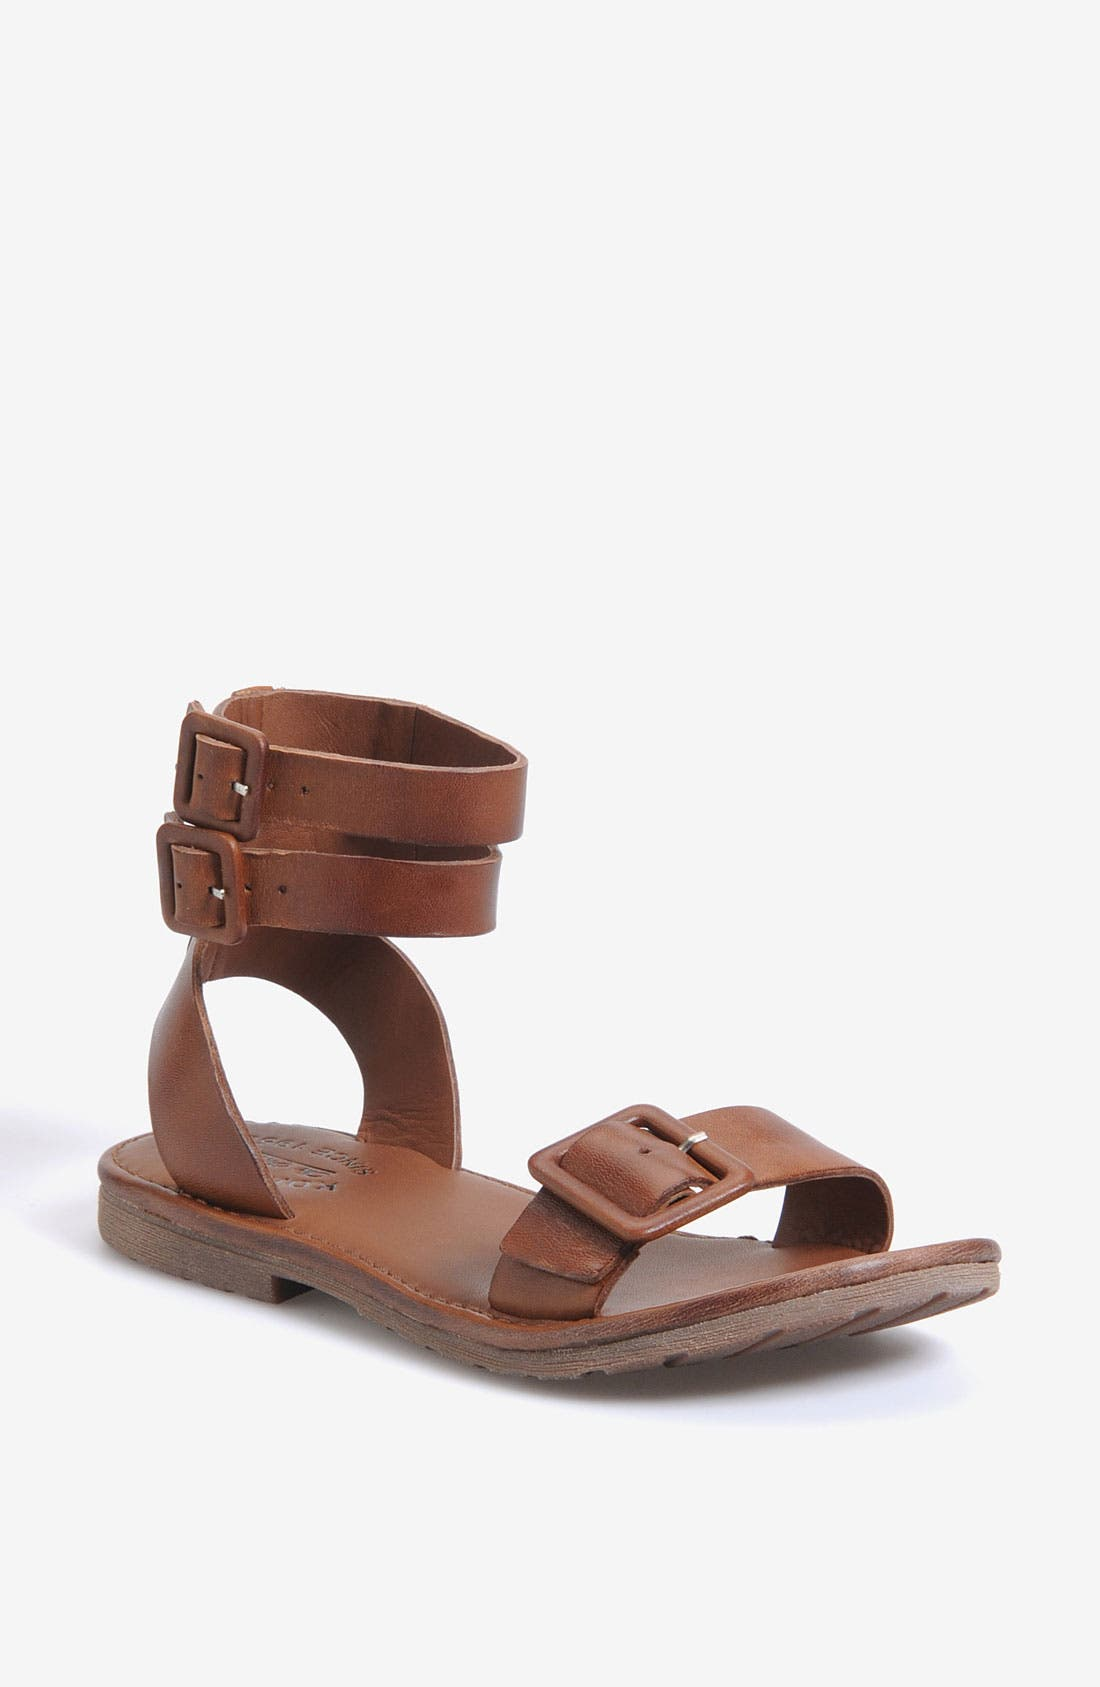 Alternate Image 1 Selected - Kork-Ease 'Yvette' Sandal